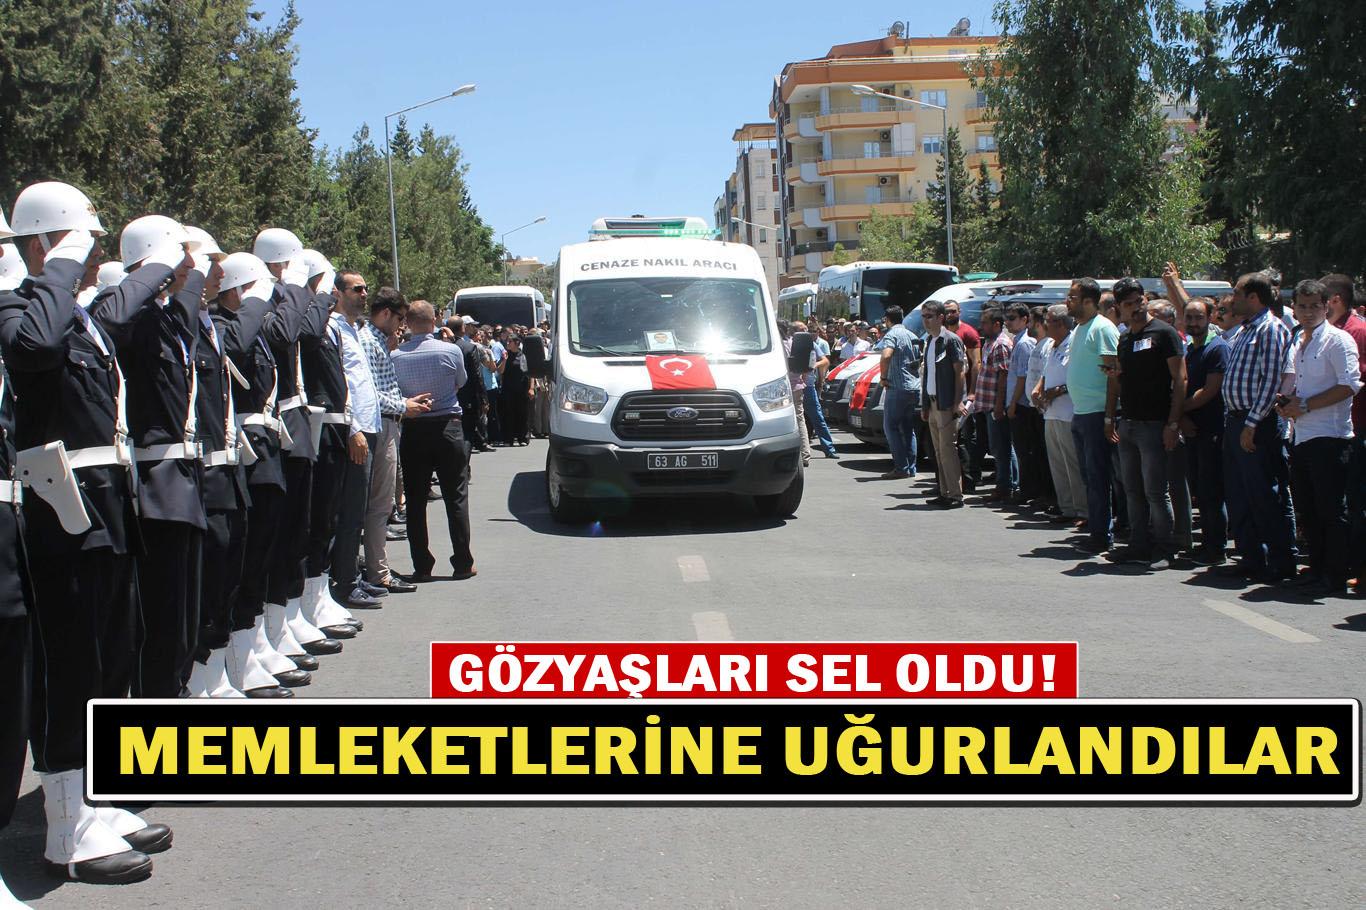 Urfa'da şehit olan polisler son yolculuğuna uğurlandılar